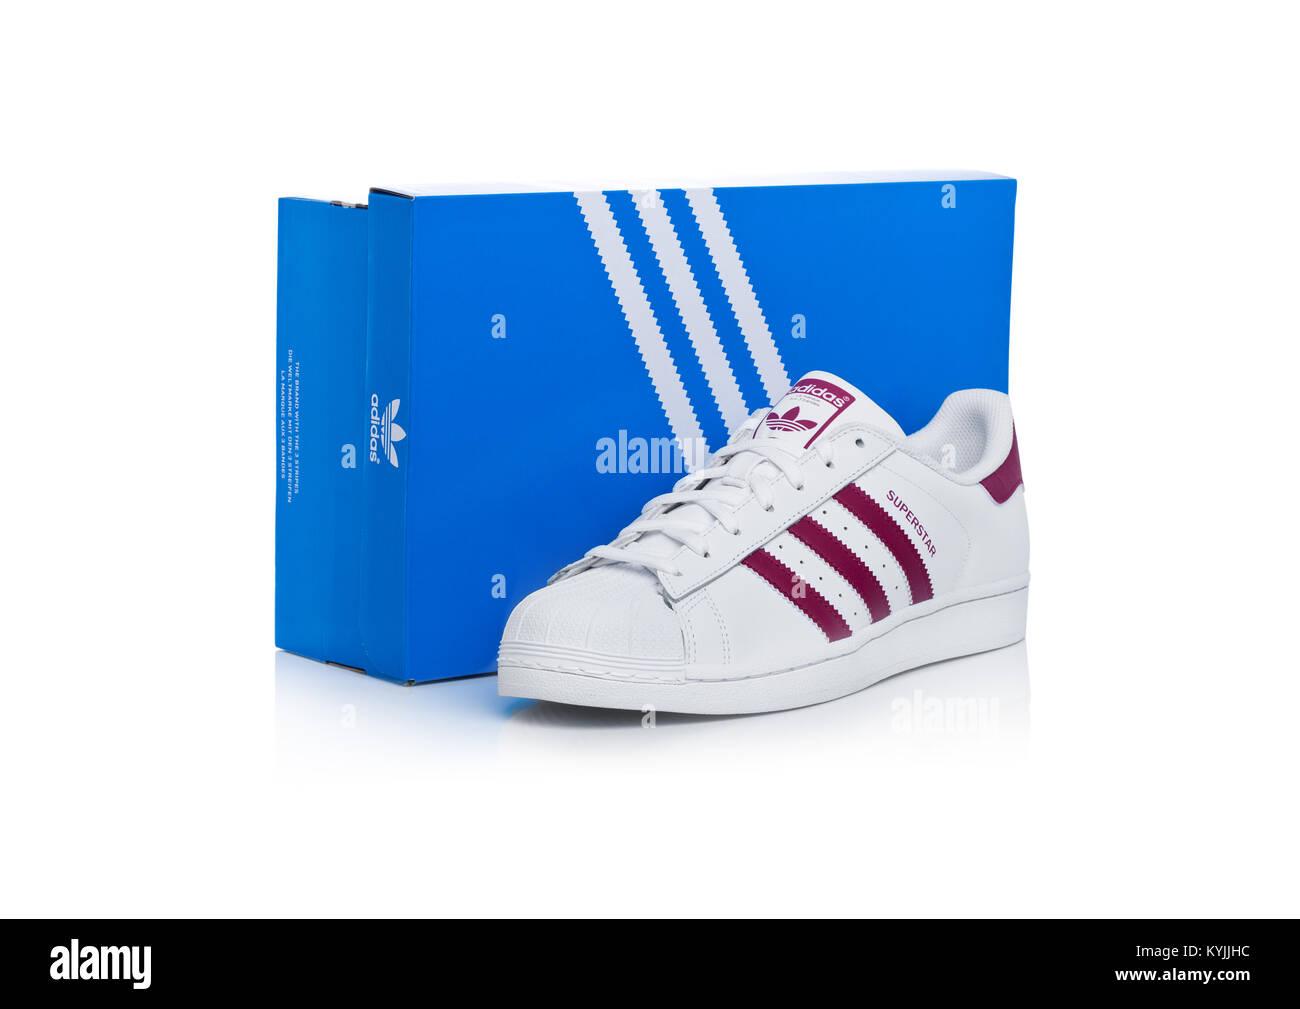 Adidas Original Stockfotos und bilder Kaufen Alamy